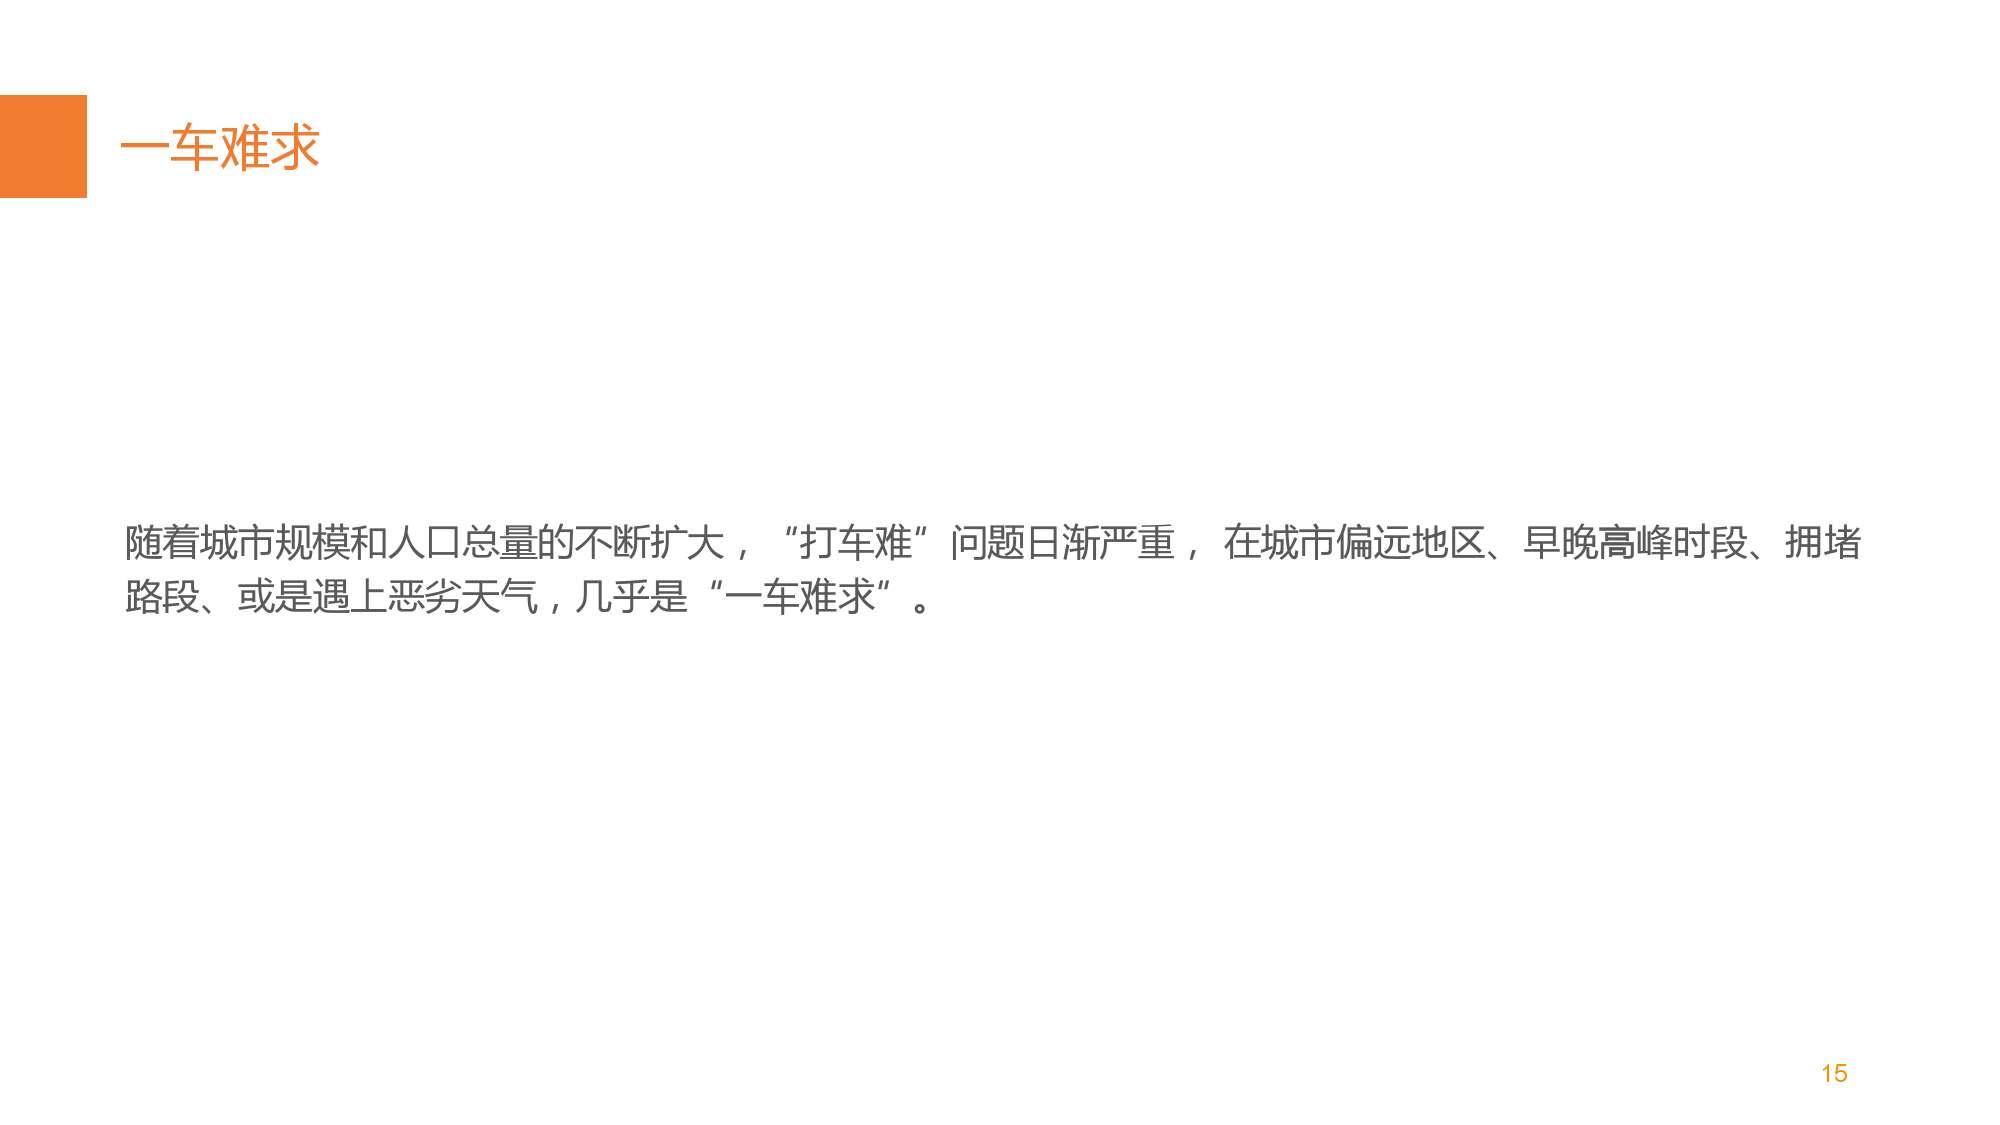 中国智能出行2015大数据报告_000016